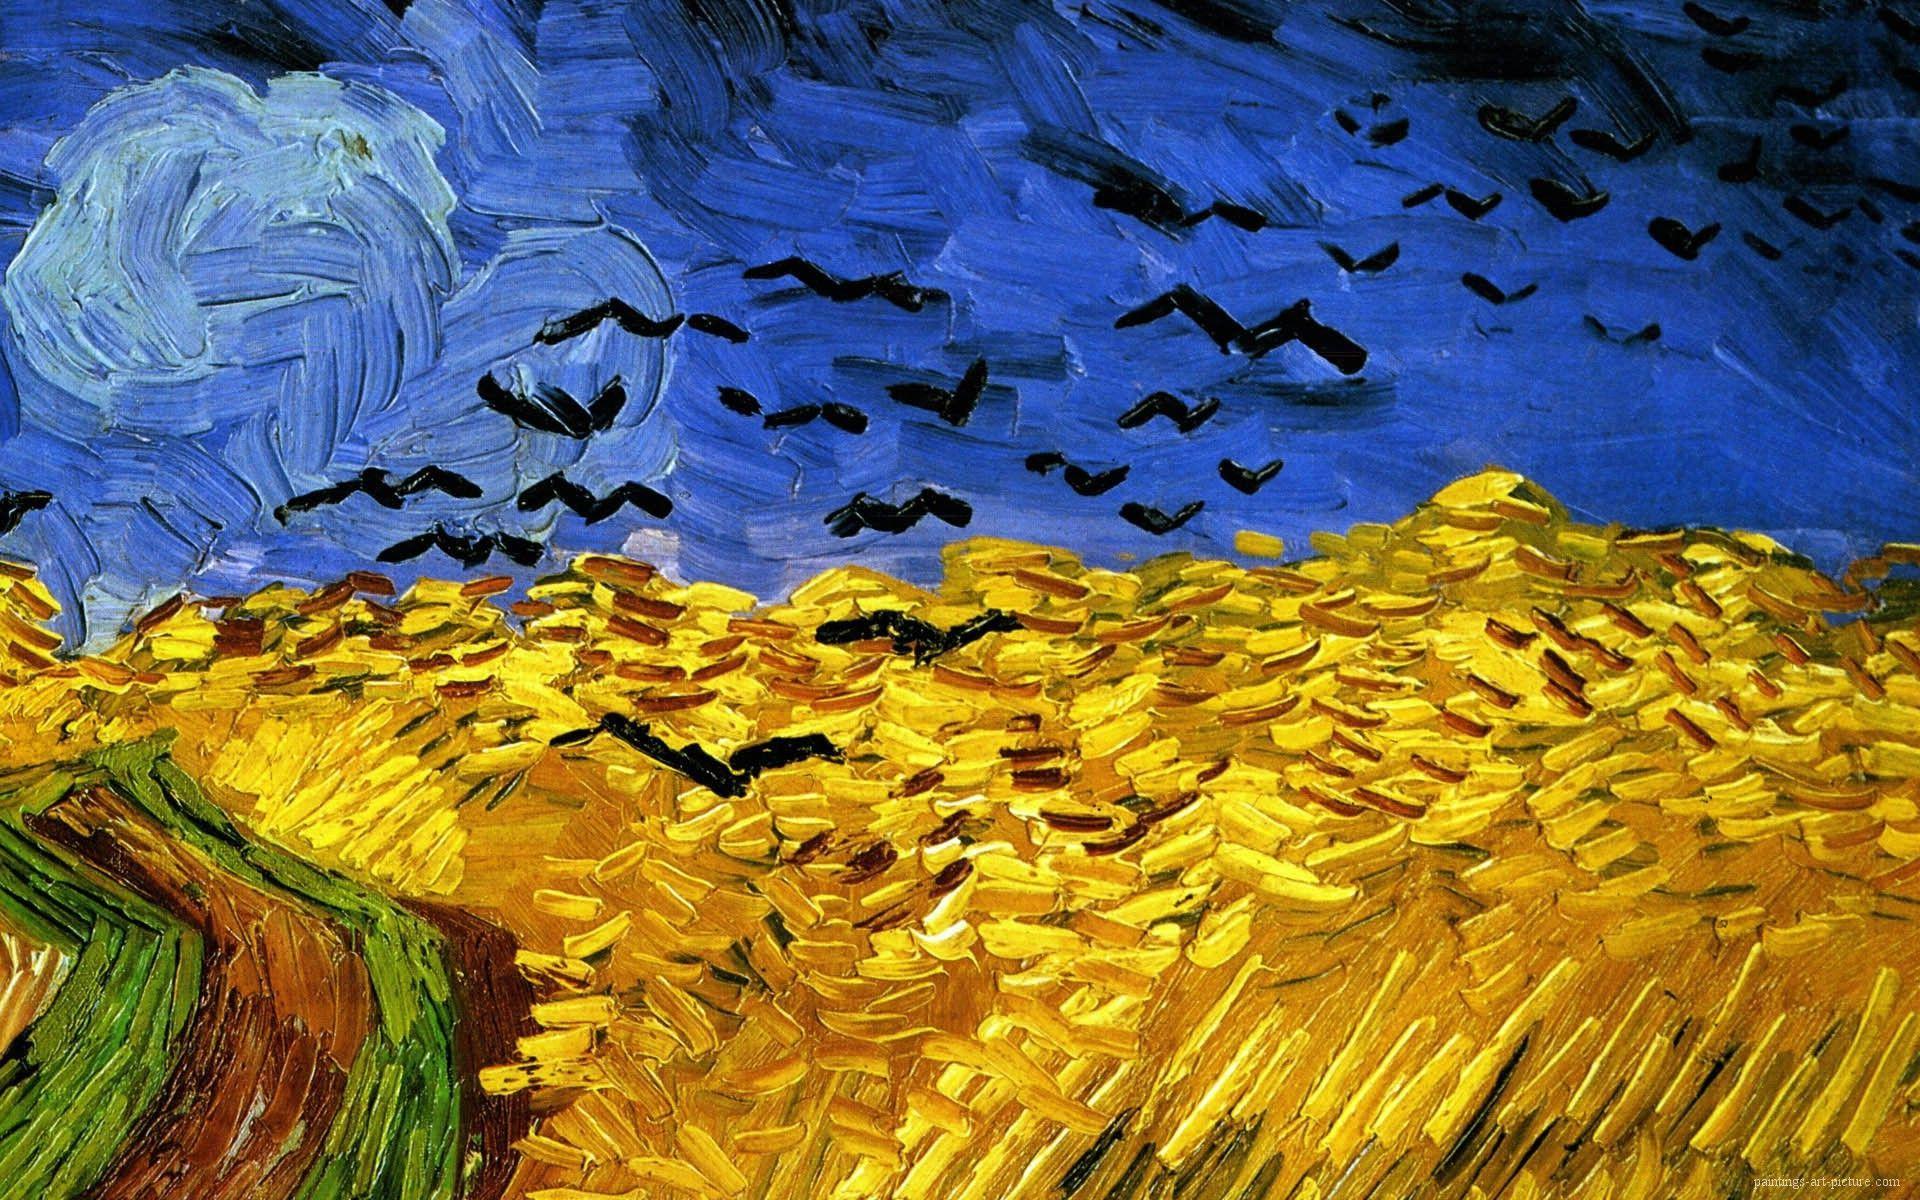 Van Gogh Paintings Wallpapers Top Free Van Gogh Paintings Backgrounds Wallpaperaccess Van Gogh Art Van Gogh Wallpaper Artist Van Gogh